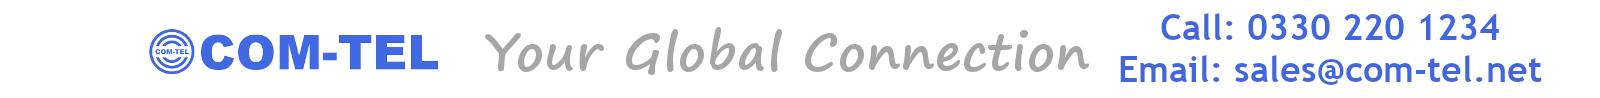 COM-TEL Telecom Ltd